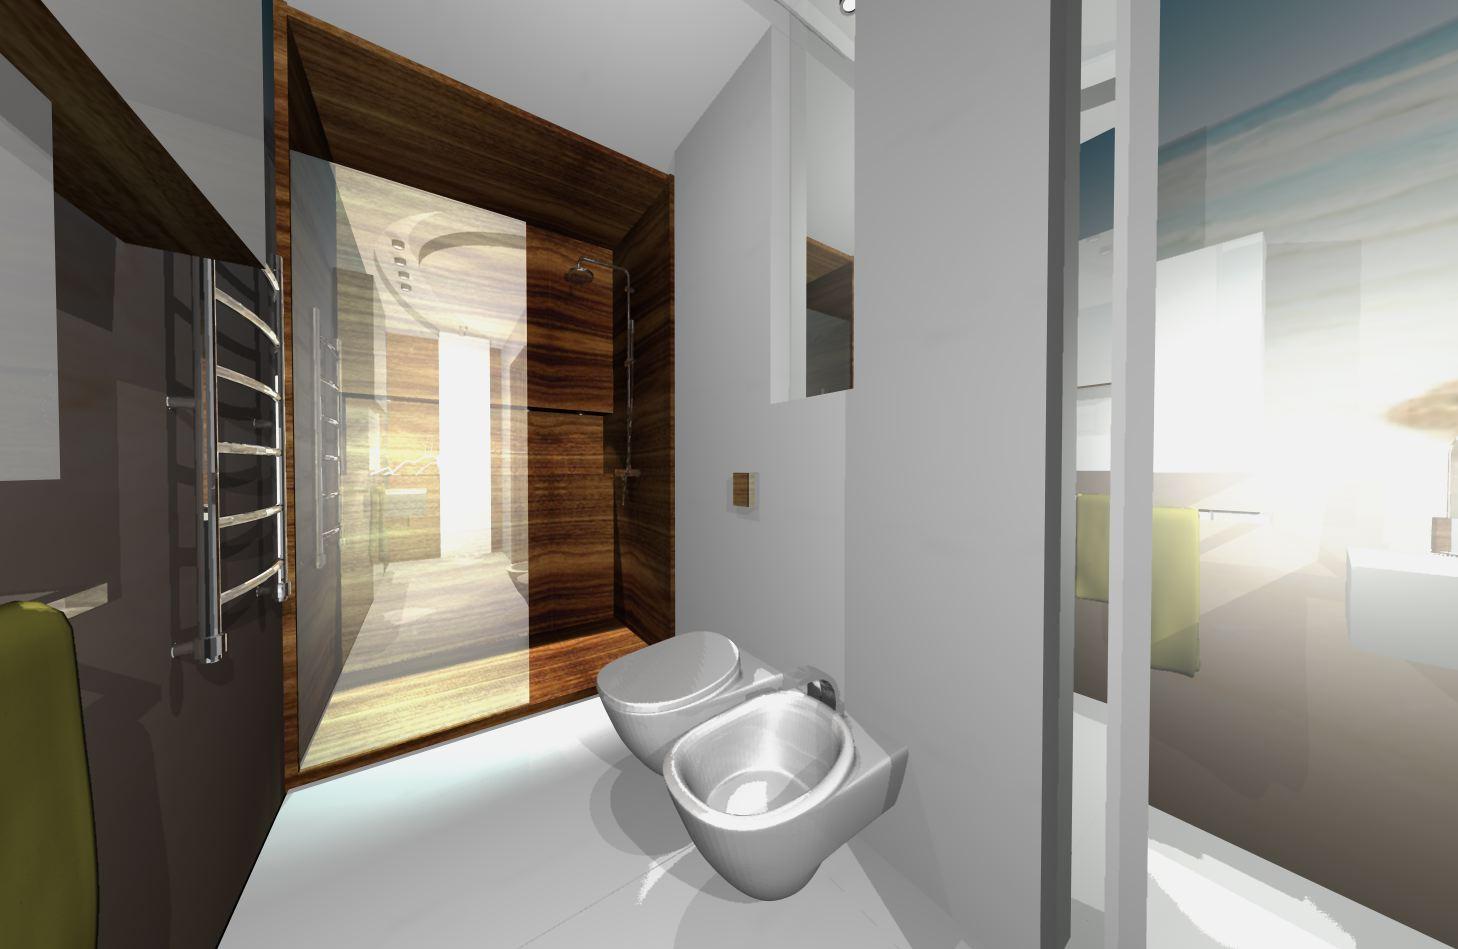 Wąska łazienka Mamy Problem Jak Zaprojektować Wąską łazienkę